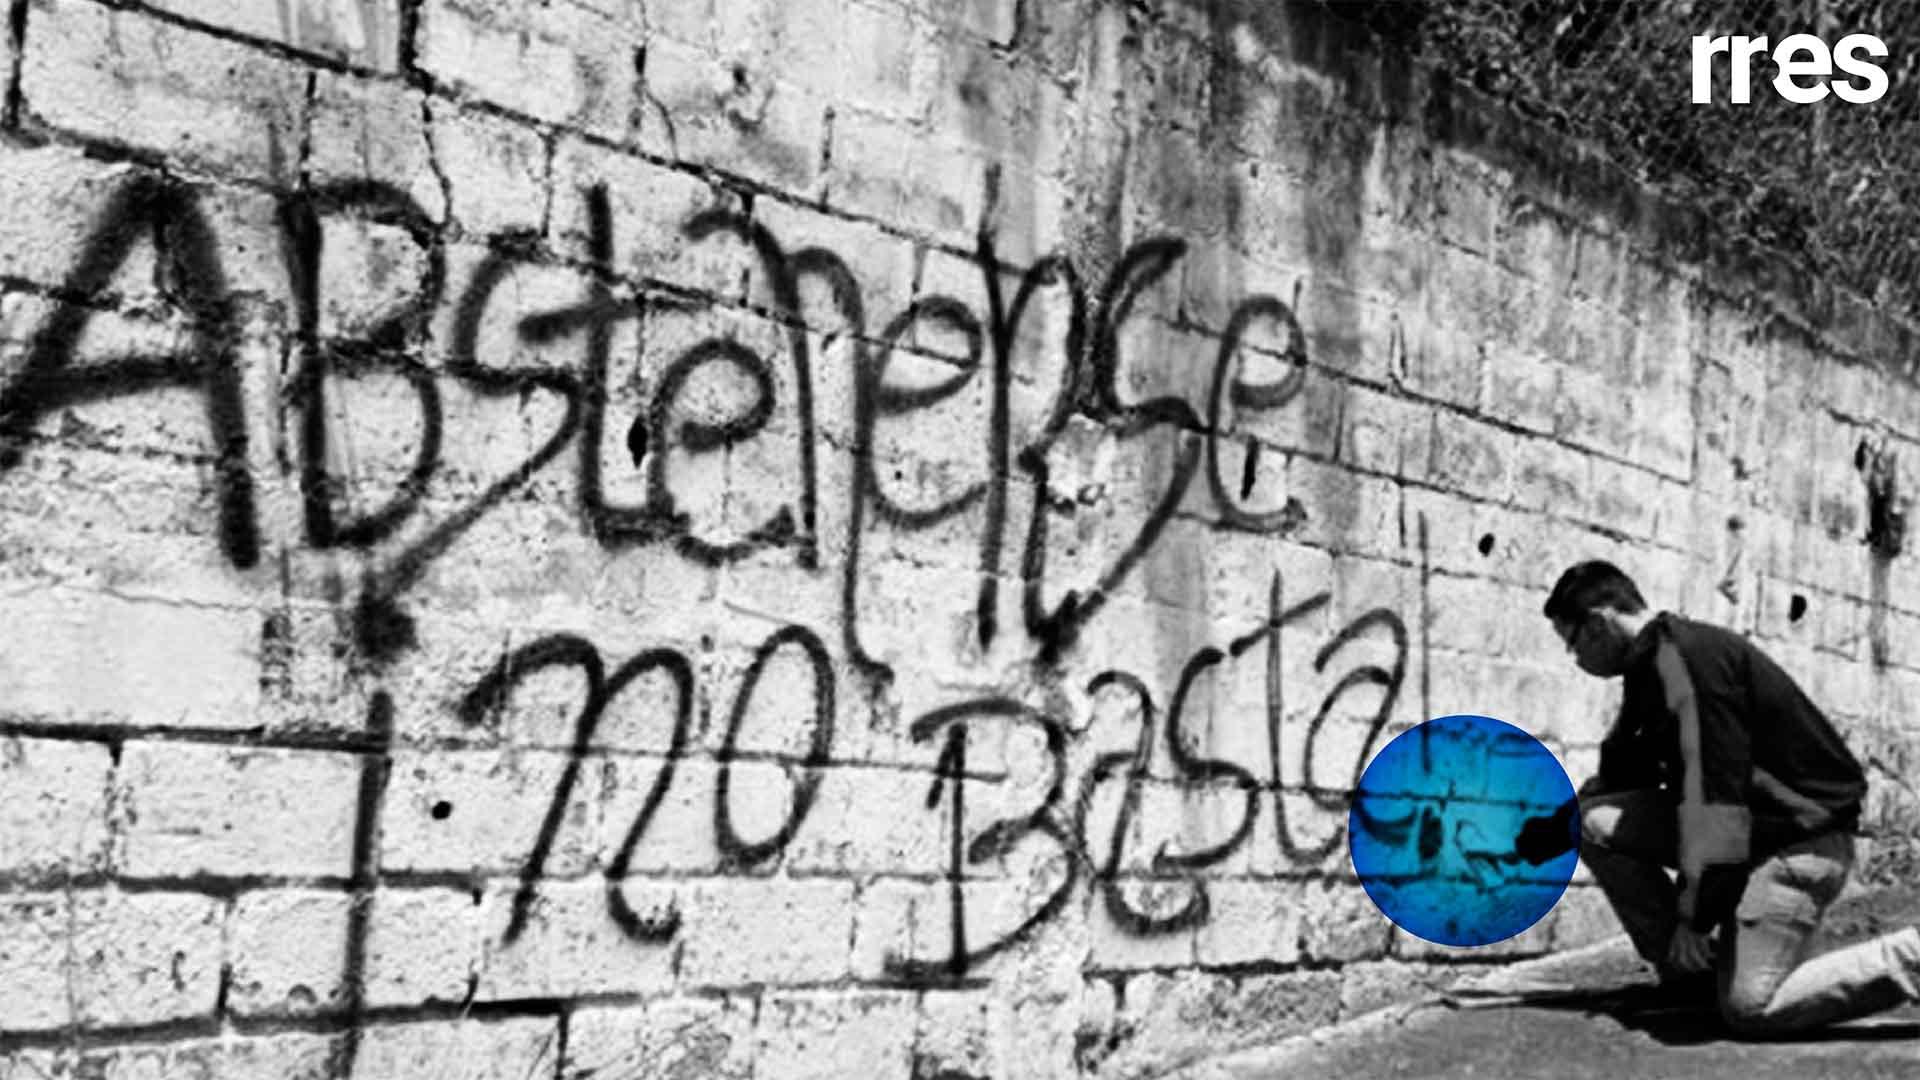 La abstención no basta, por Julio Castillo Sagarzazu